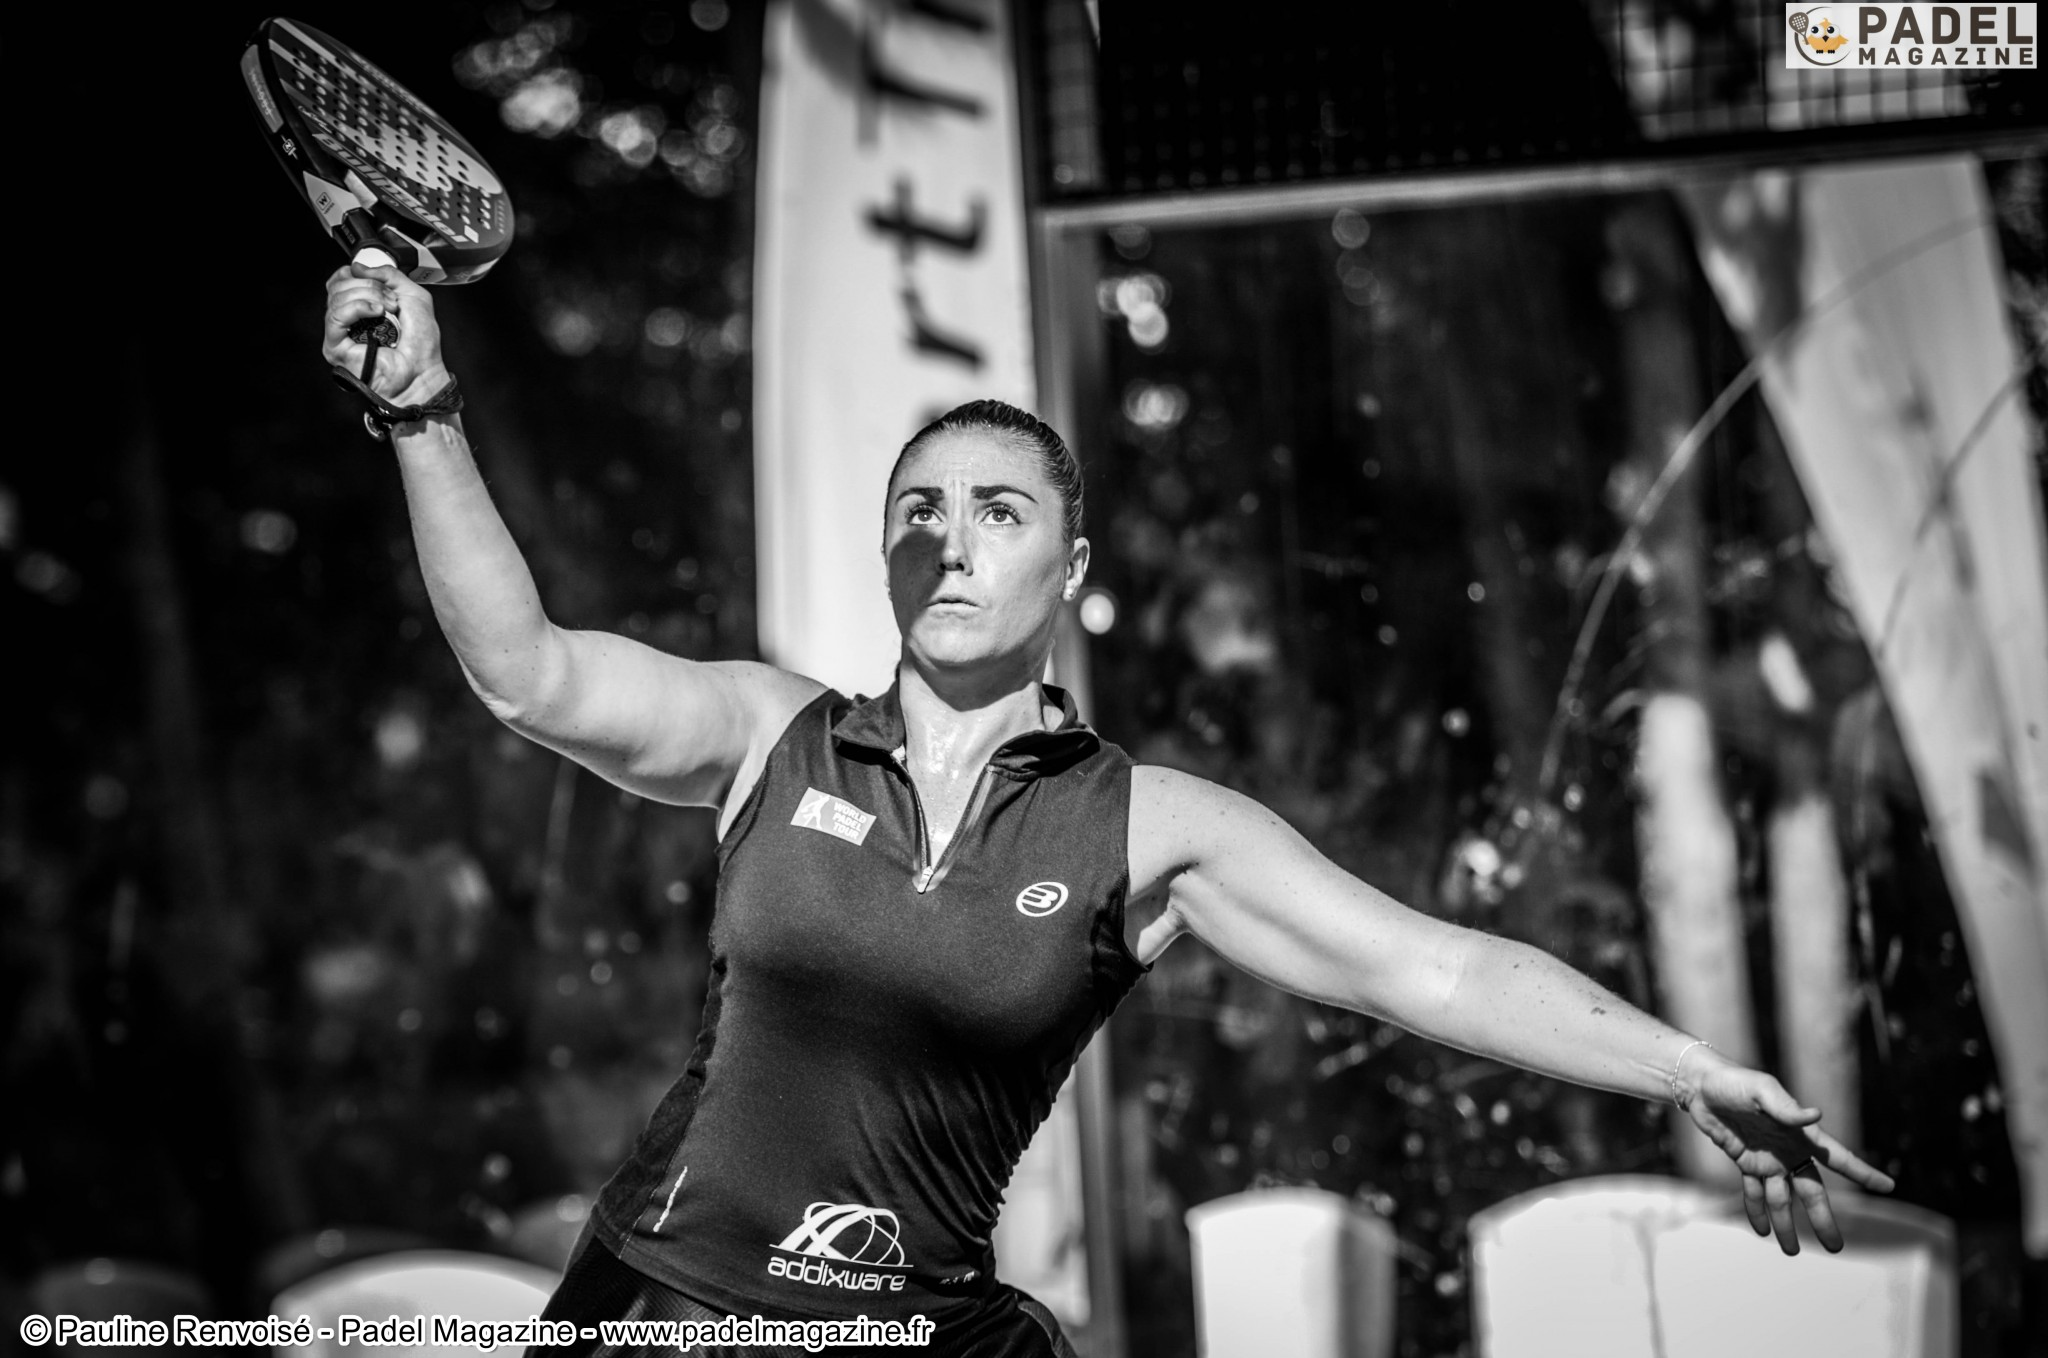 Laura Clergue: Assenti i campionati francesi 2019